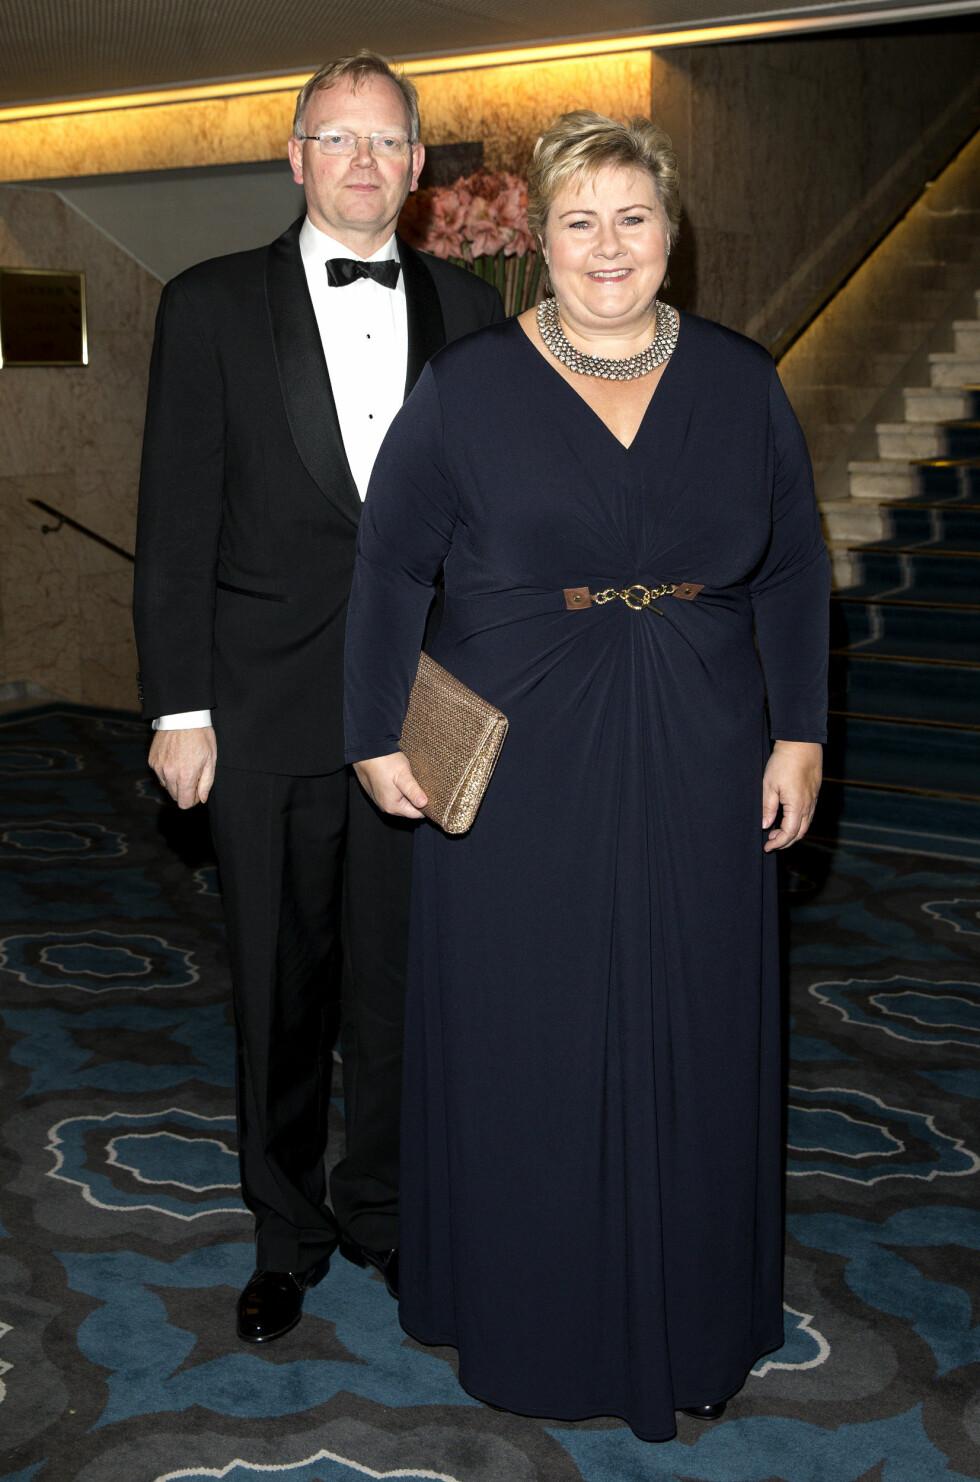 PÅ NOBELFEST: Statsminister Erna Solberg og hennes ektemann Sindre Finnes. Foto: Se og Hør, Andreas Fadum